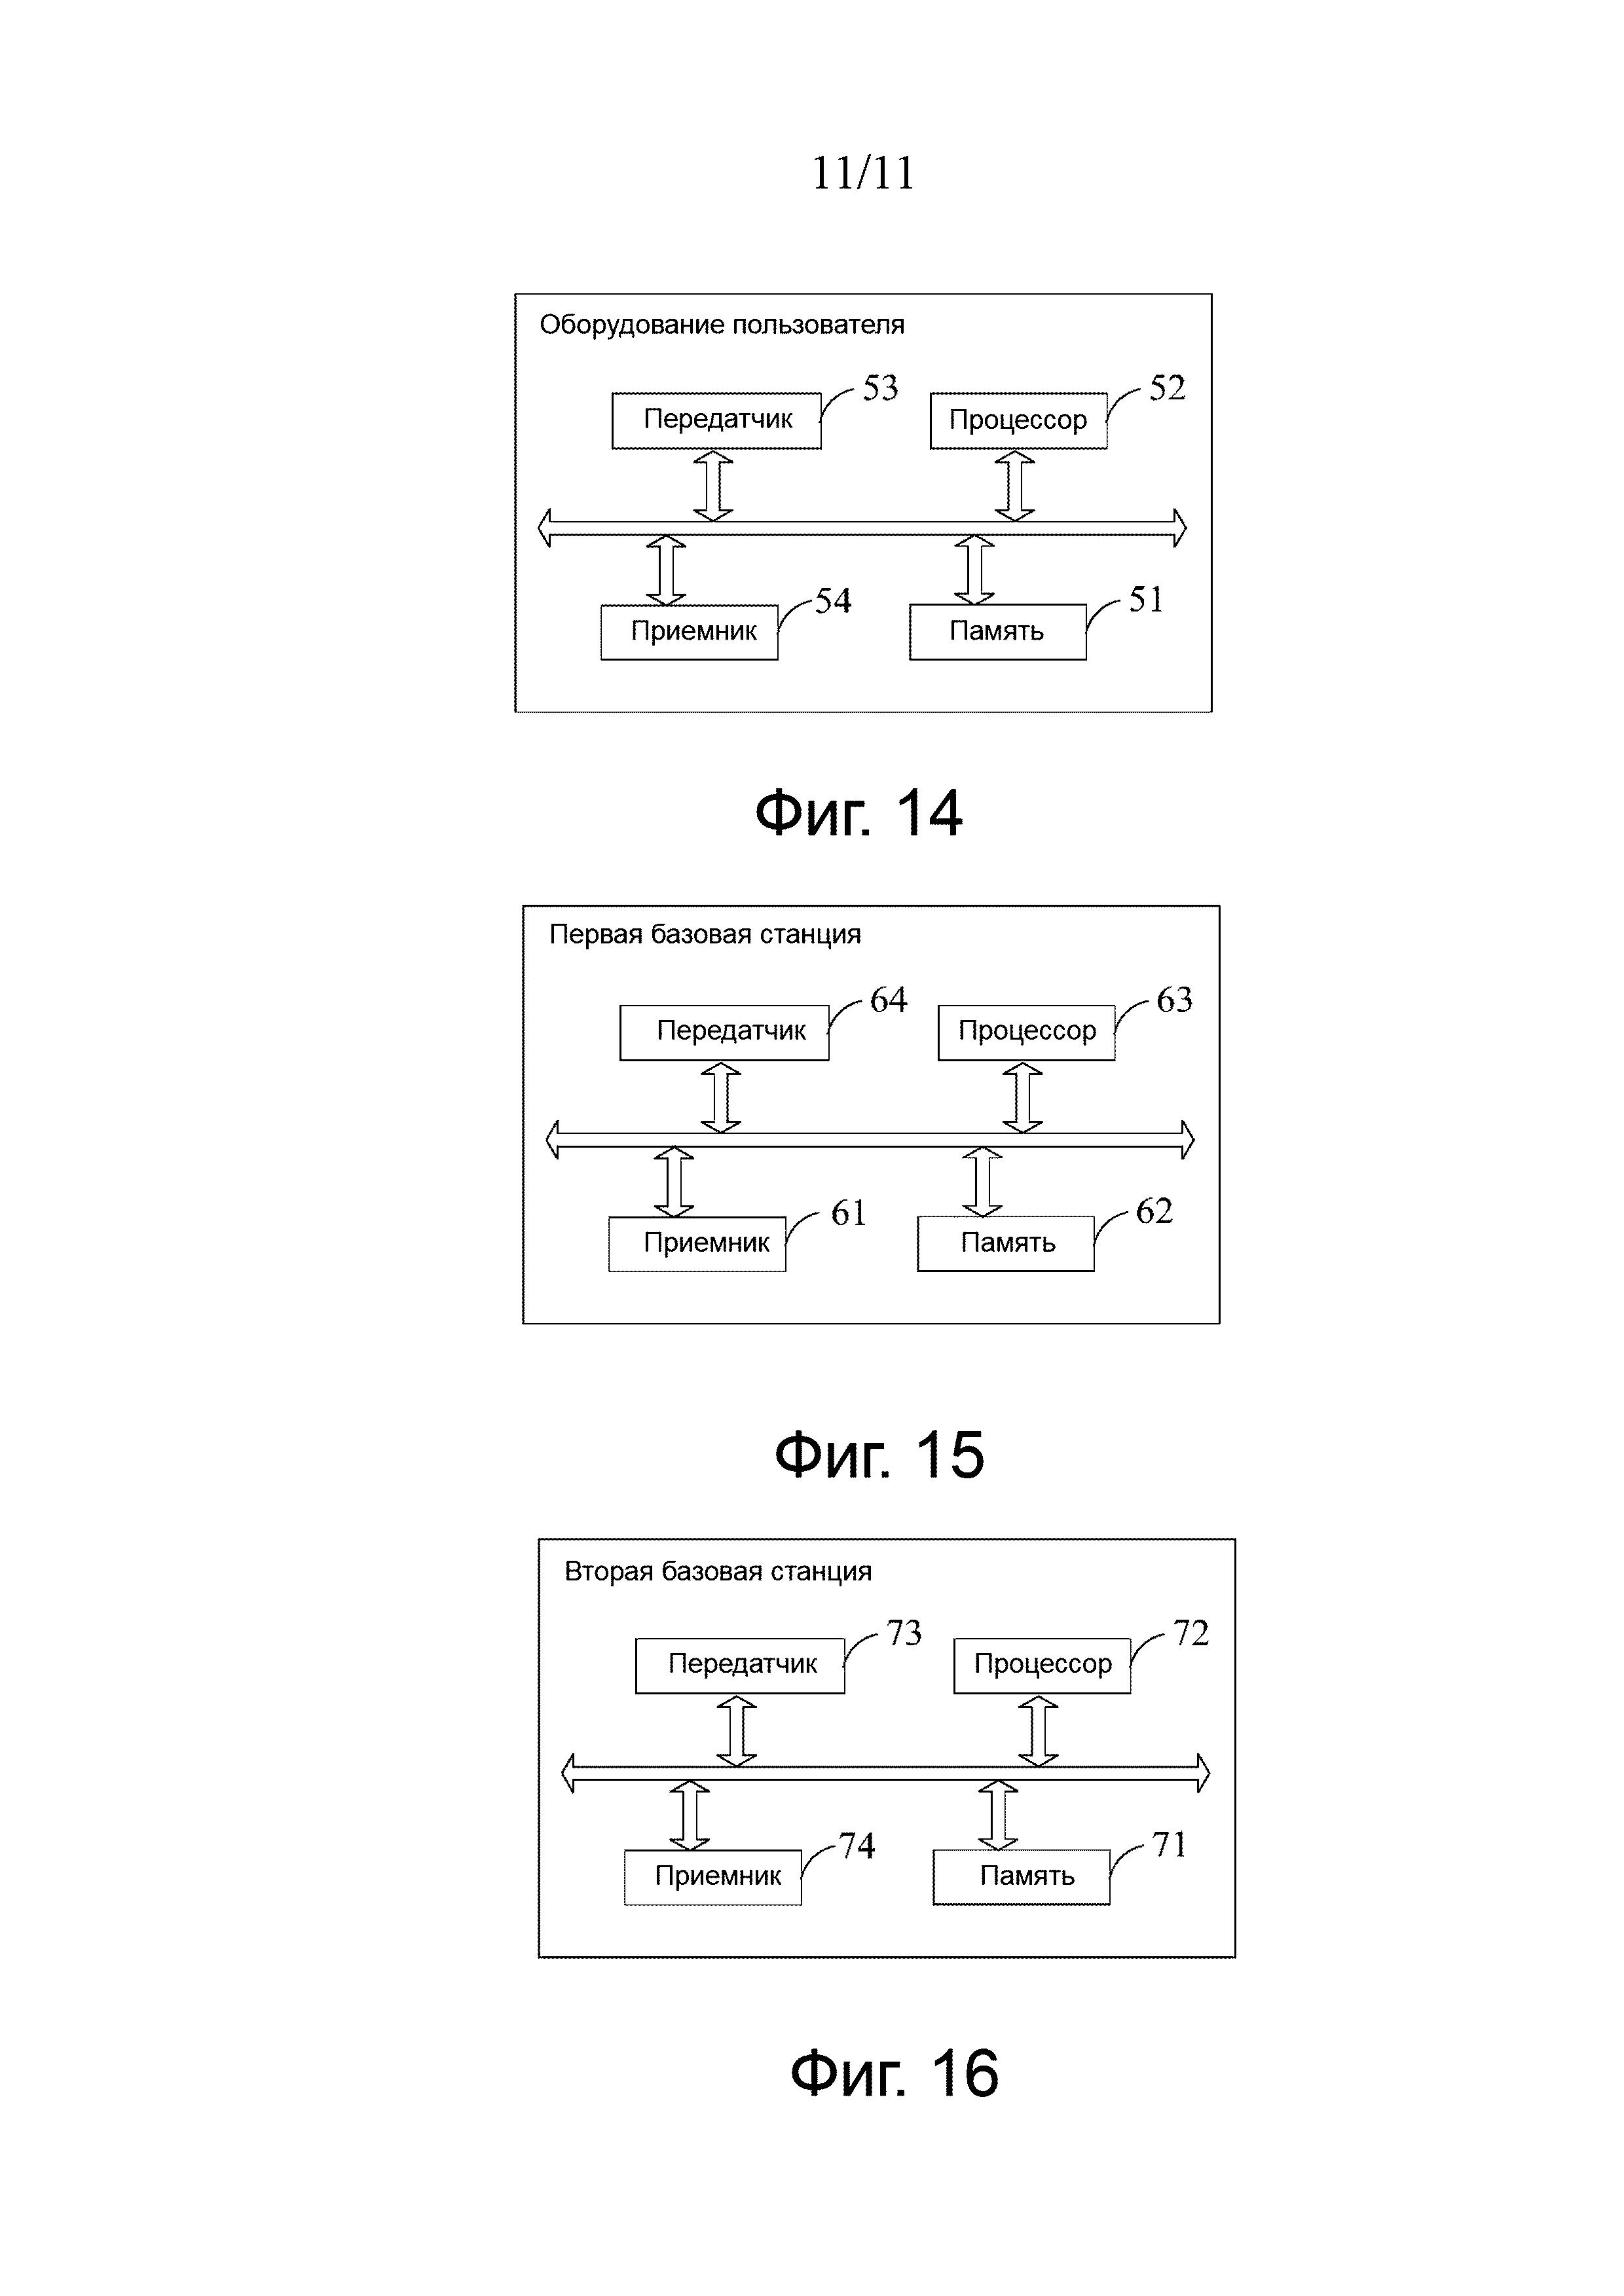 Способ обработки несущей радиосигнала, оборудование пользователя и базовая станция